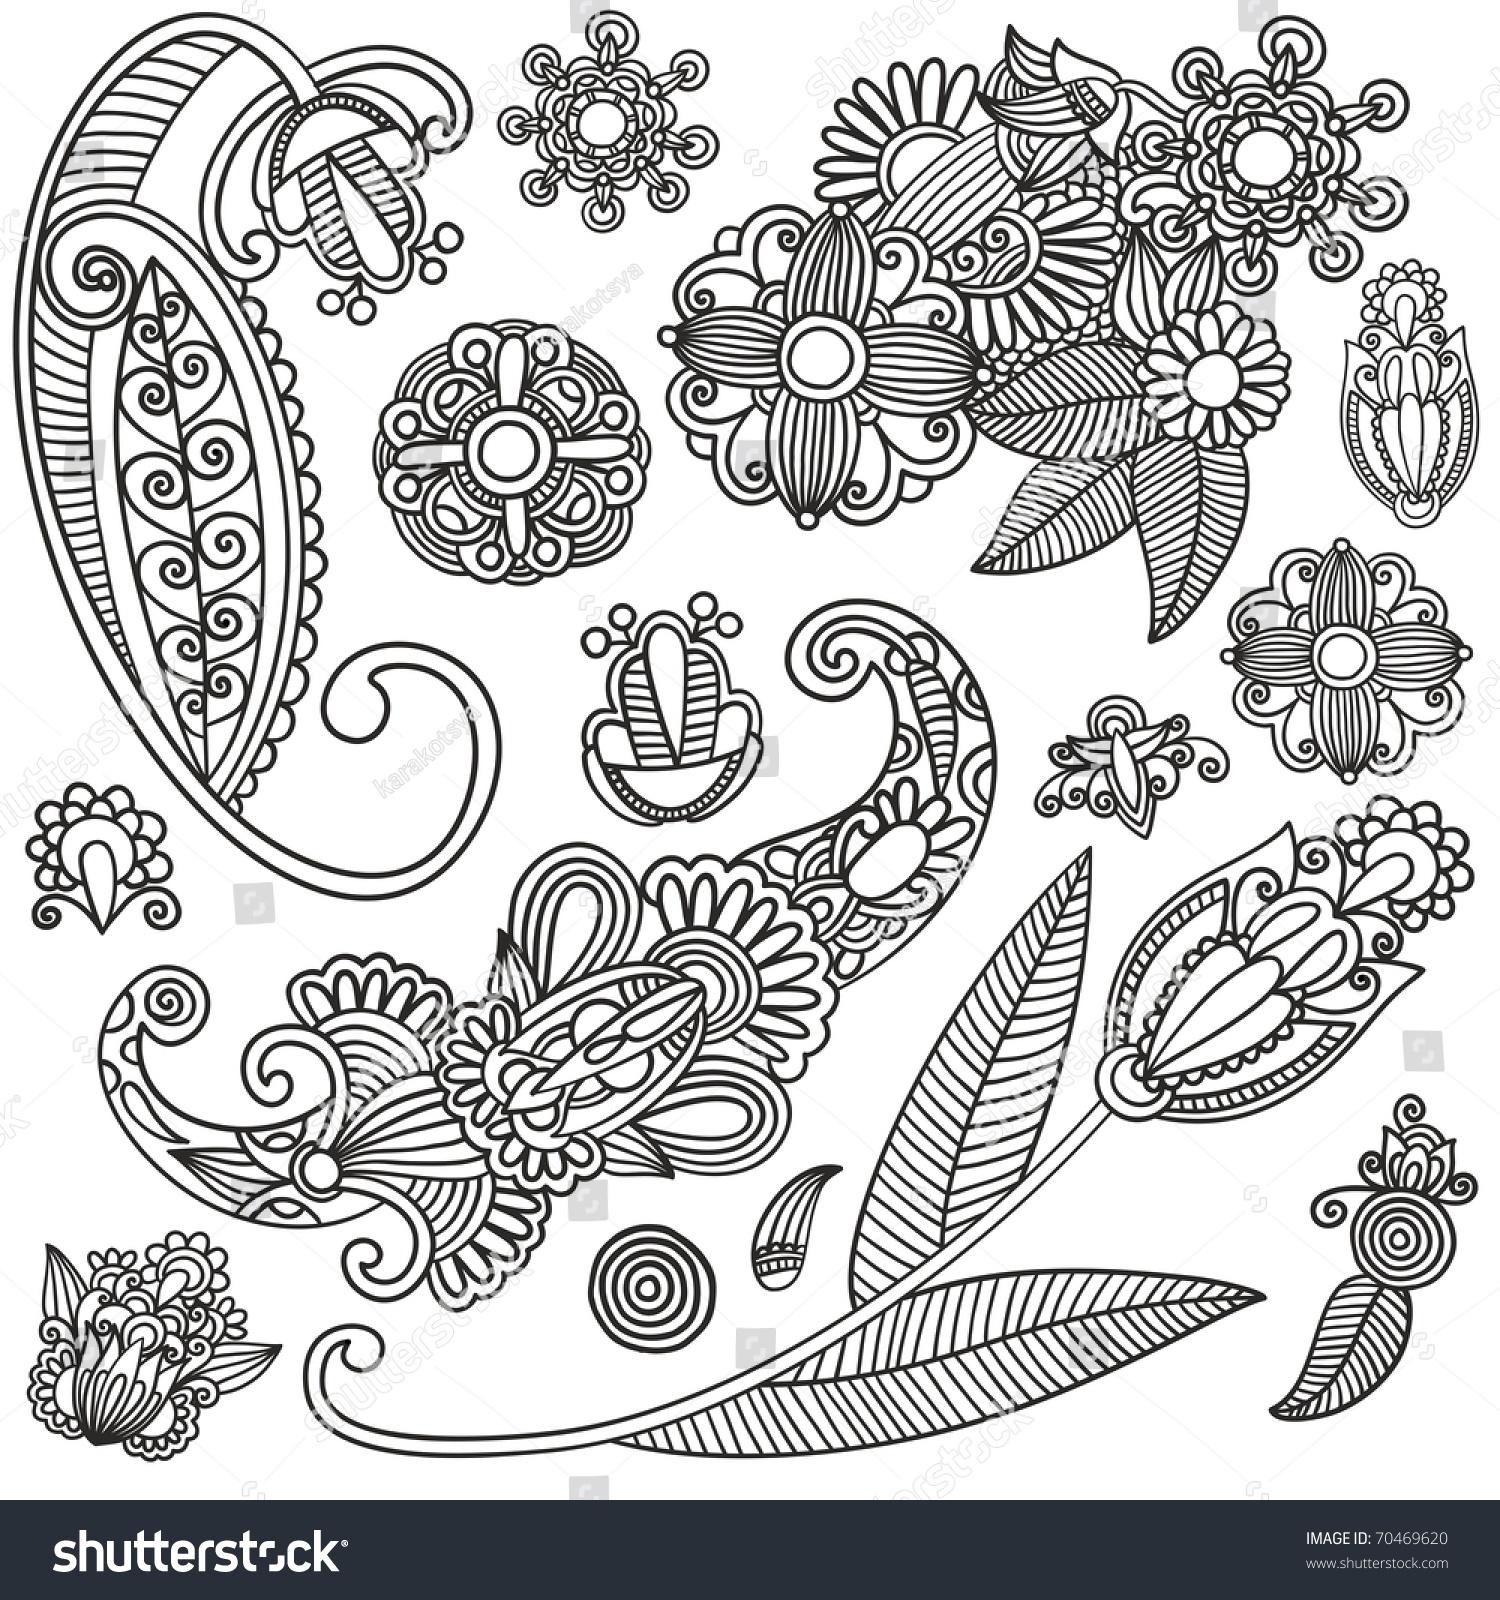 Set Of Black Flower Design Elements Stock Vector: Set Of Black Flower Design Stock Vector Illustration